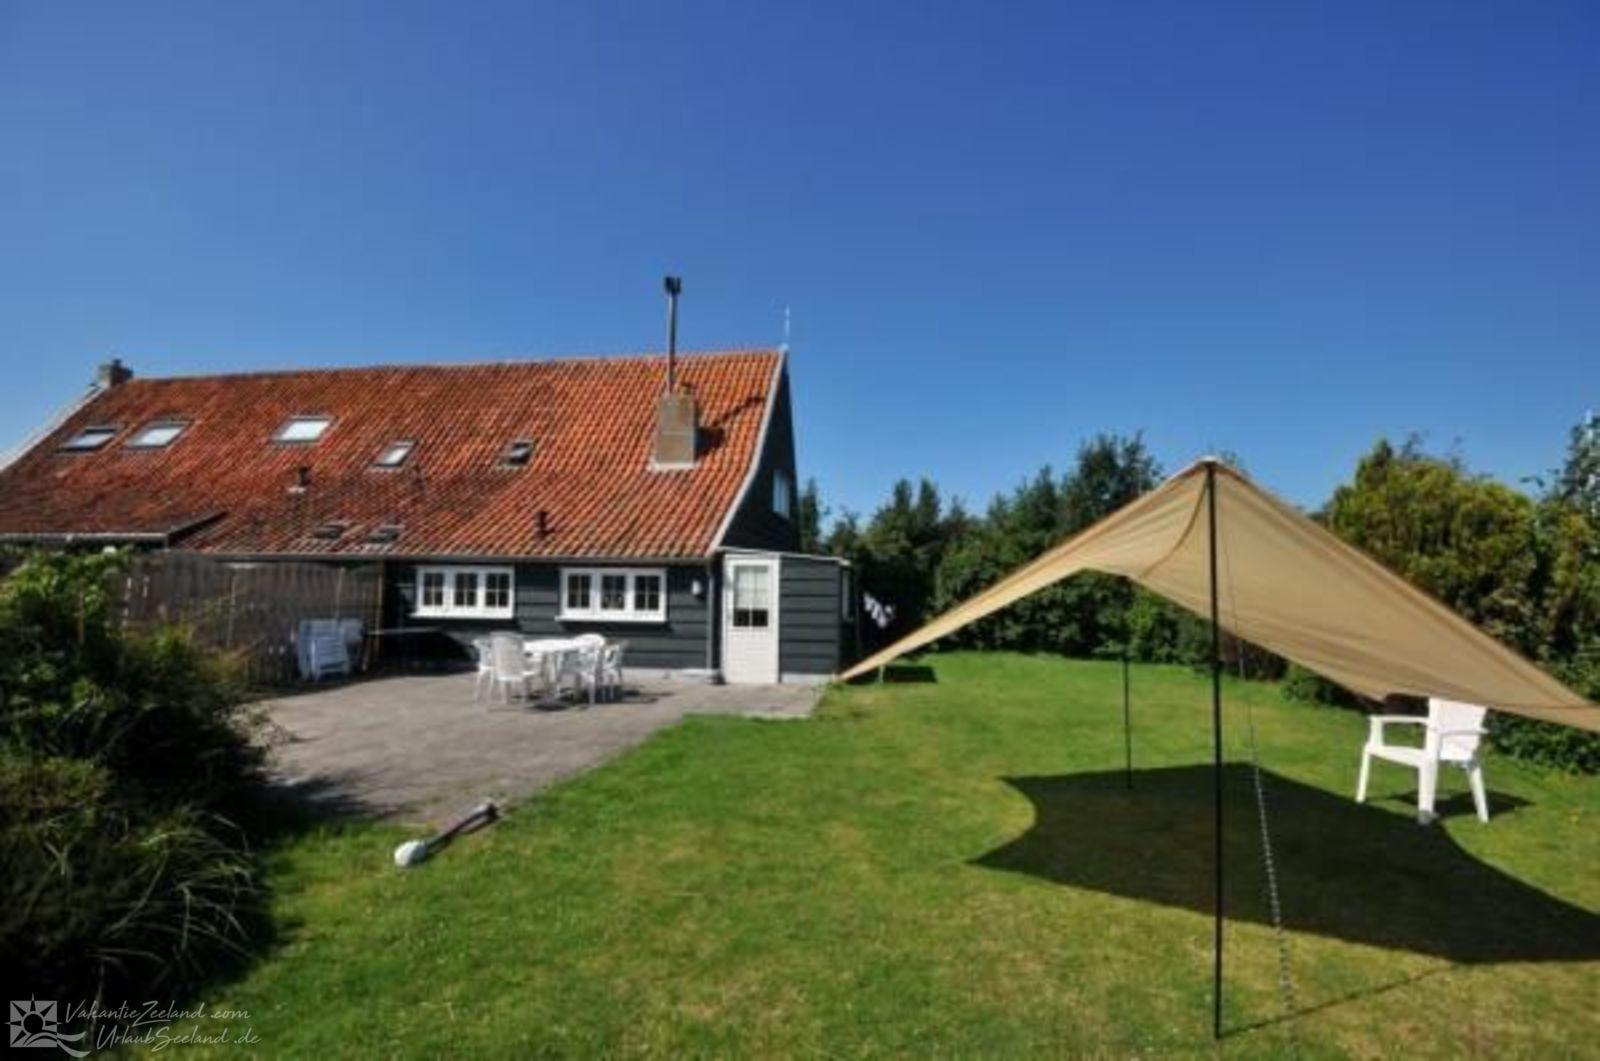 VZ530 Ferienhaus Burgh-Haamstede